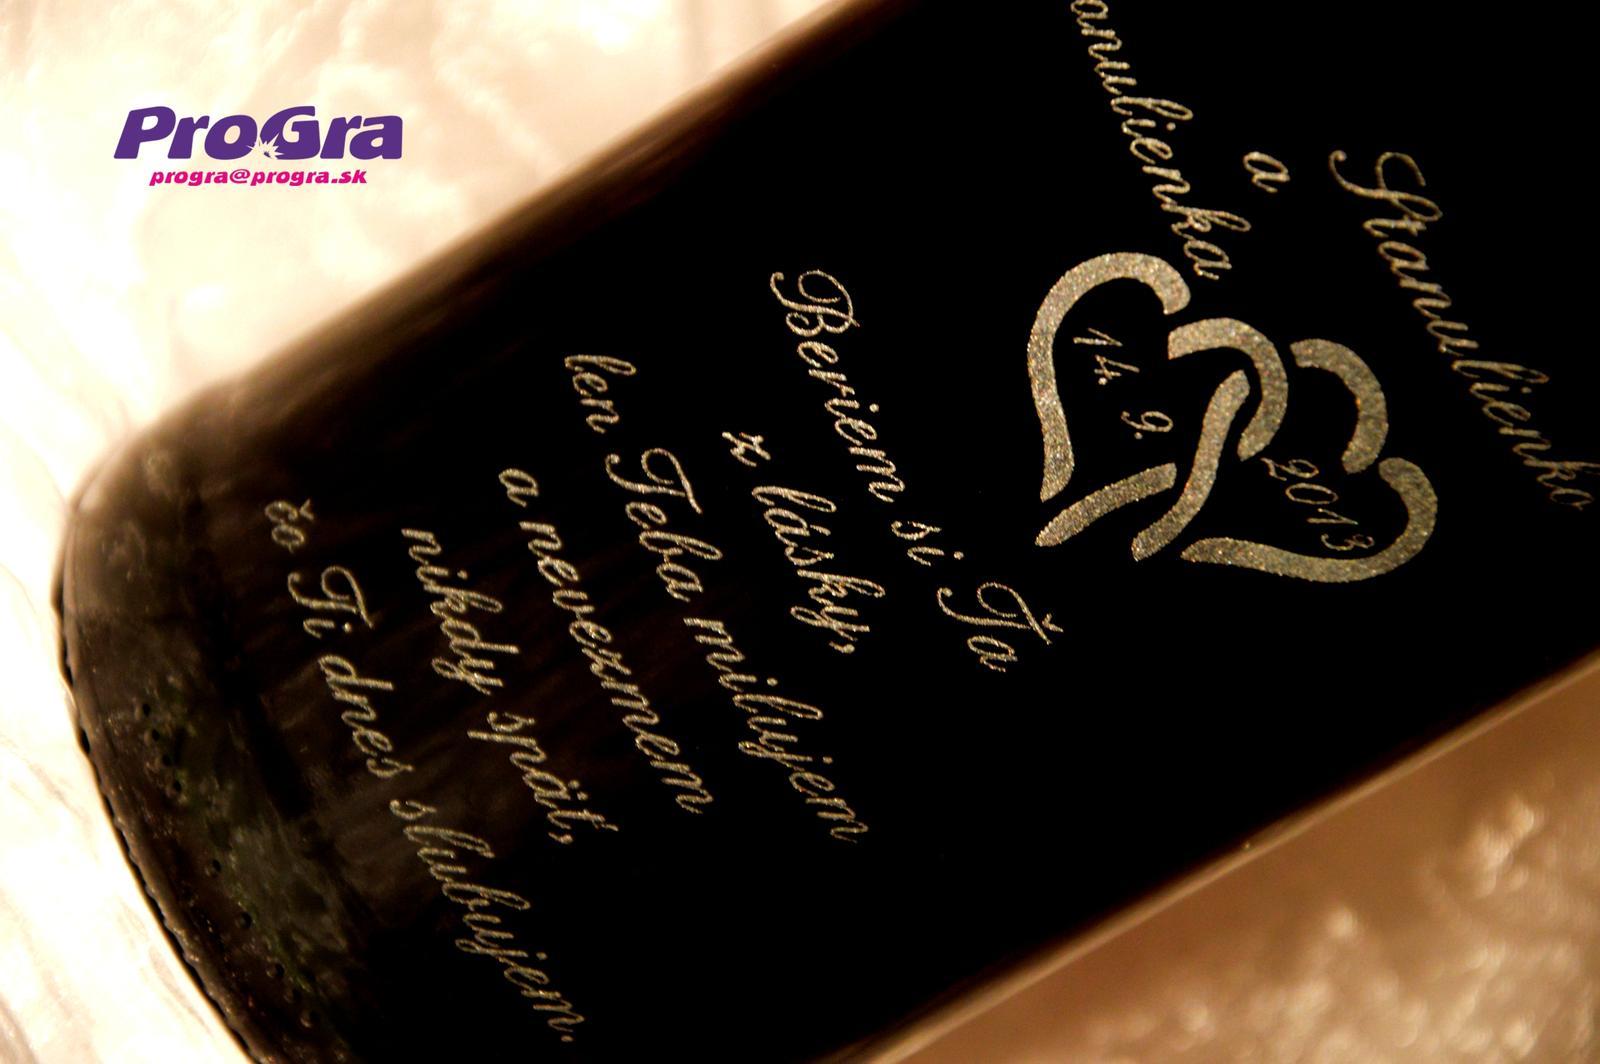 Detaily pre Váš svadobný deň - Nechajte si vygravírovať fľašu na svadobné fotenie - gravírovanie môže ladiť s gravírovaním na pohárikoch